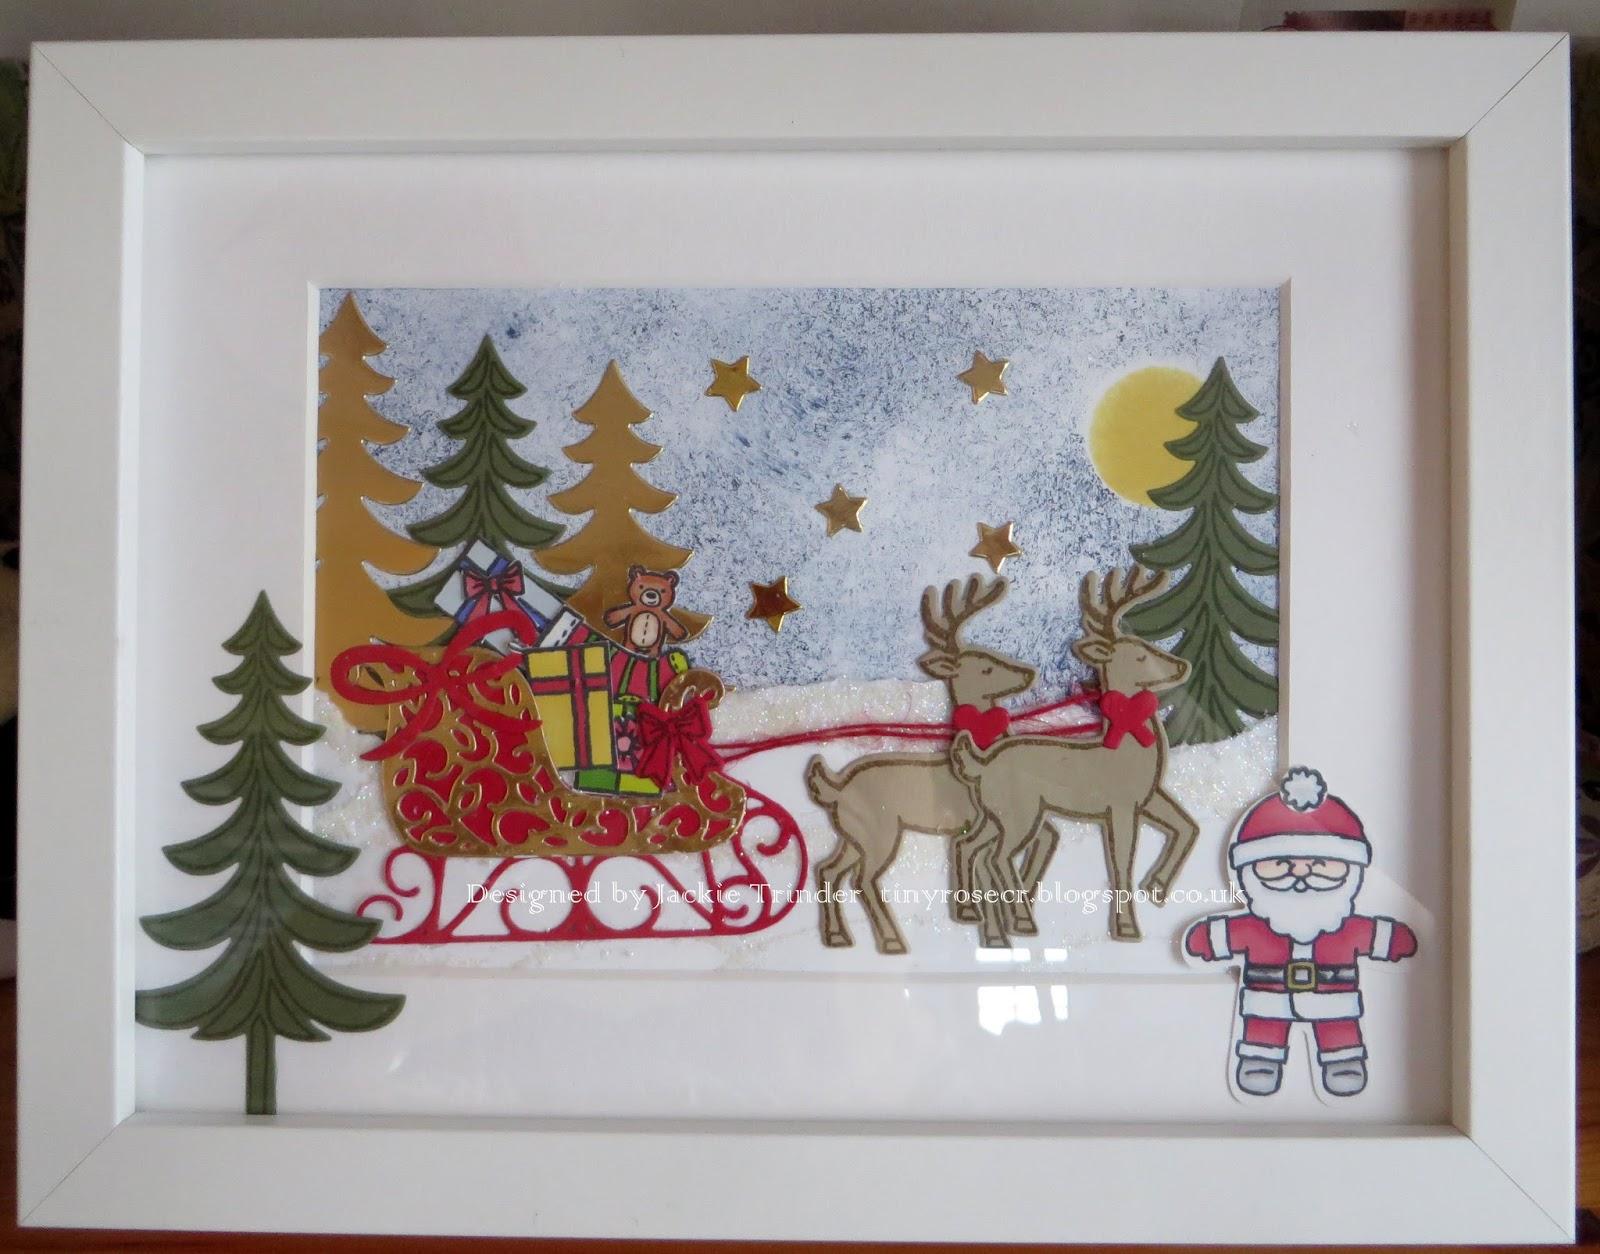 Tinyrose\'s Craft Room: Christmas Frame - Santa and his Sleigh